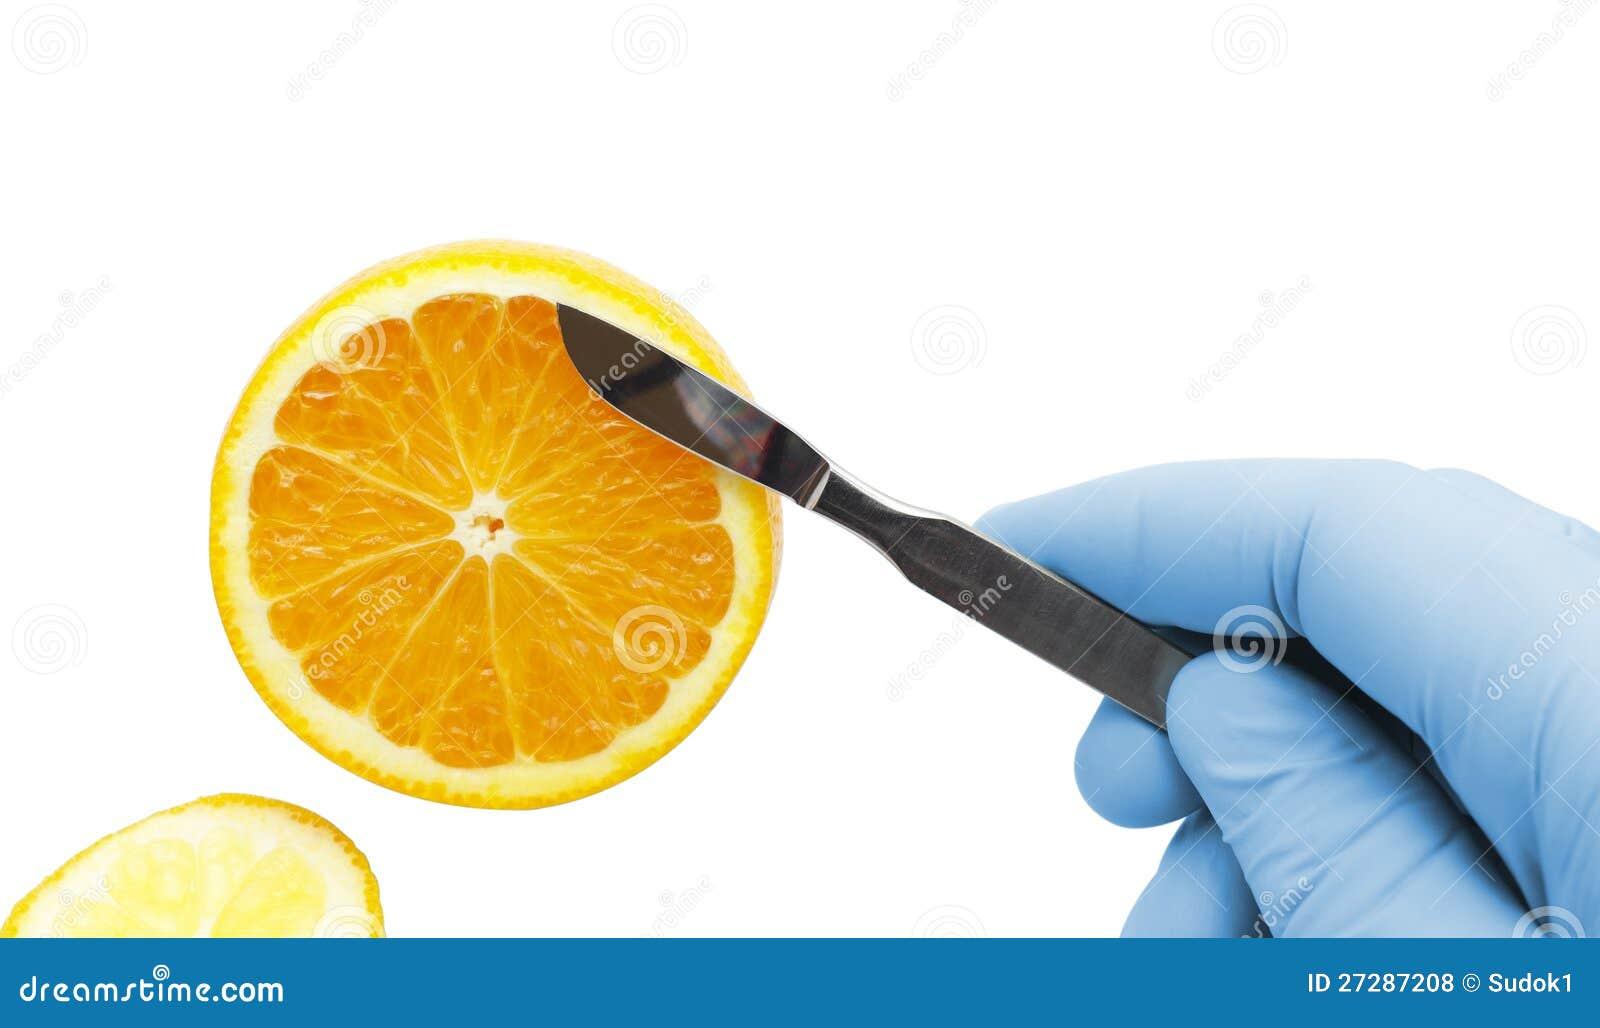 Apelsin på spetsen av en skalpell. begreppet av medicin som är sunt äter